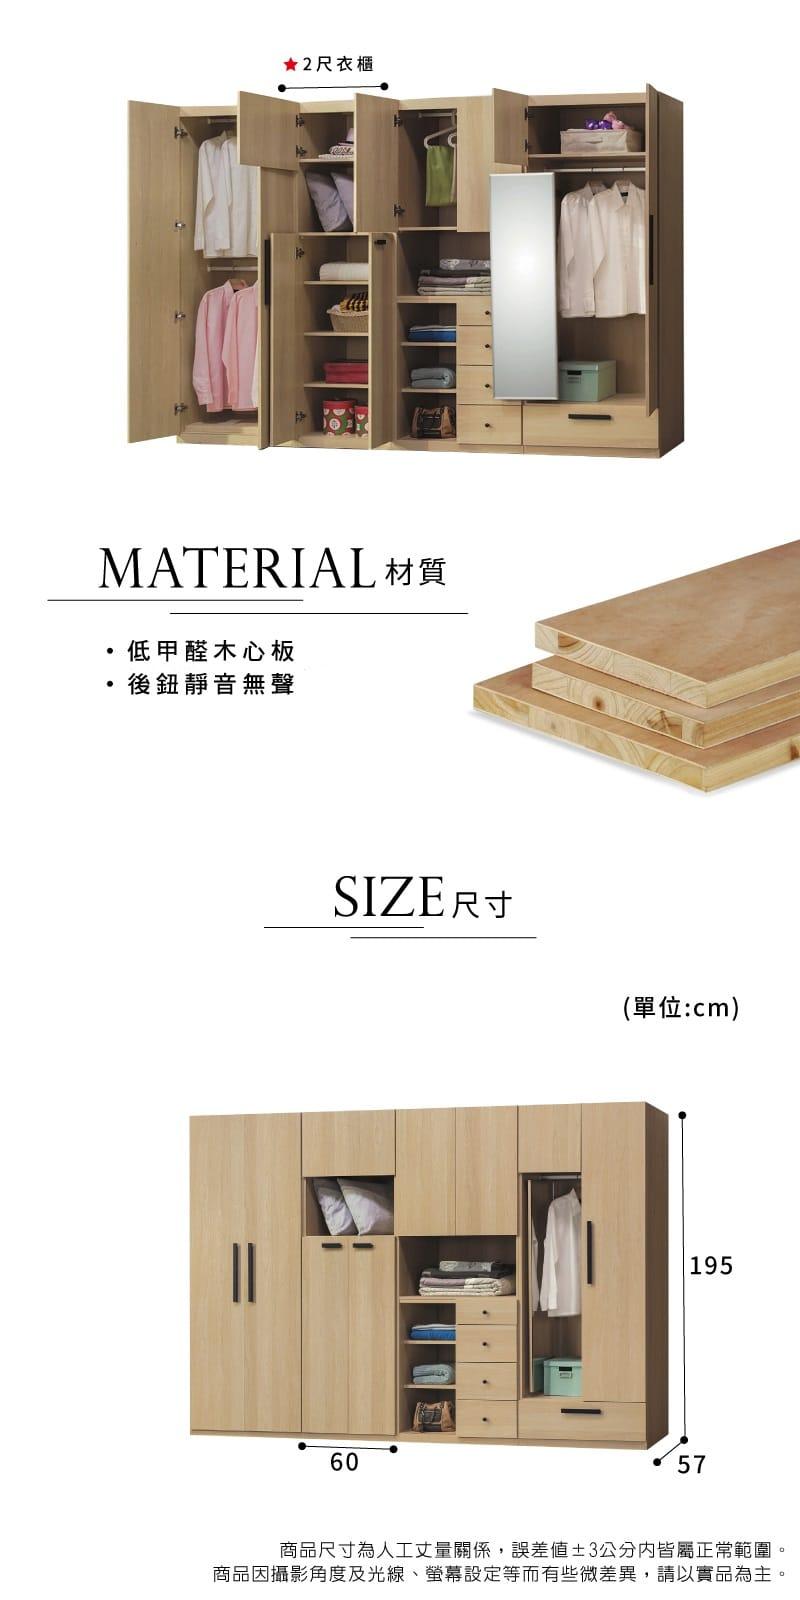 拉門收納置物衣櫃 寬60cm【威特】